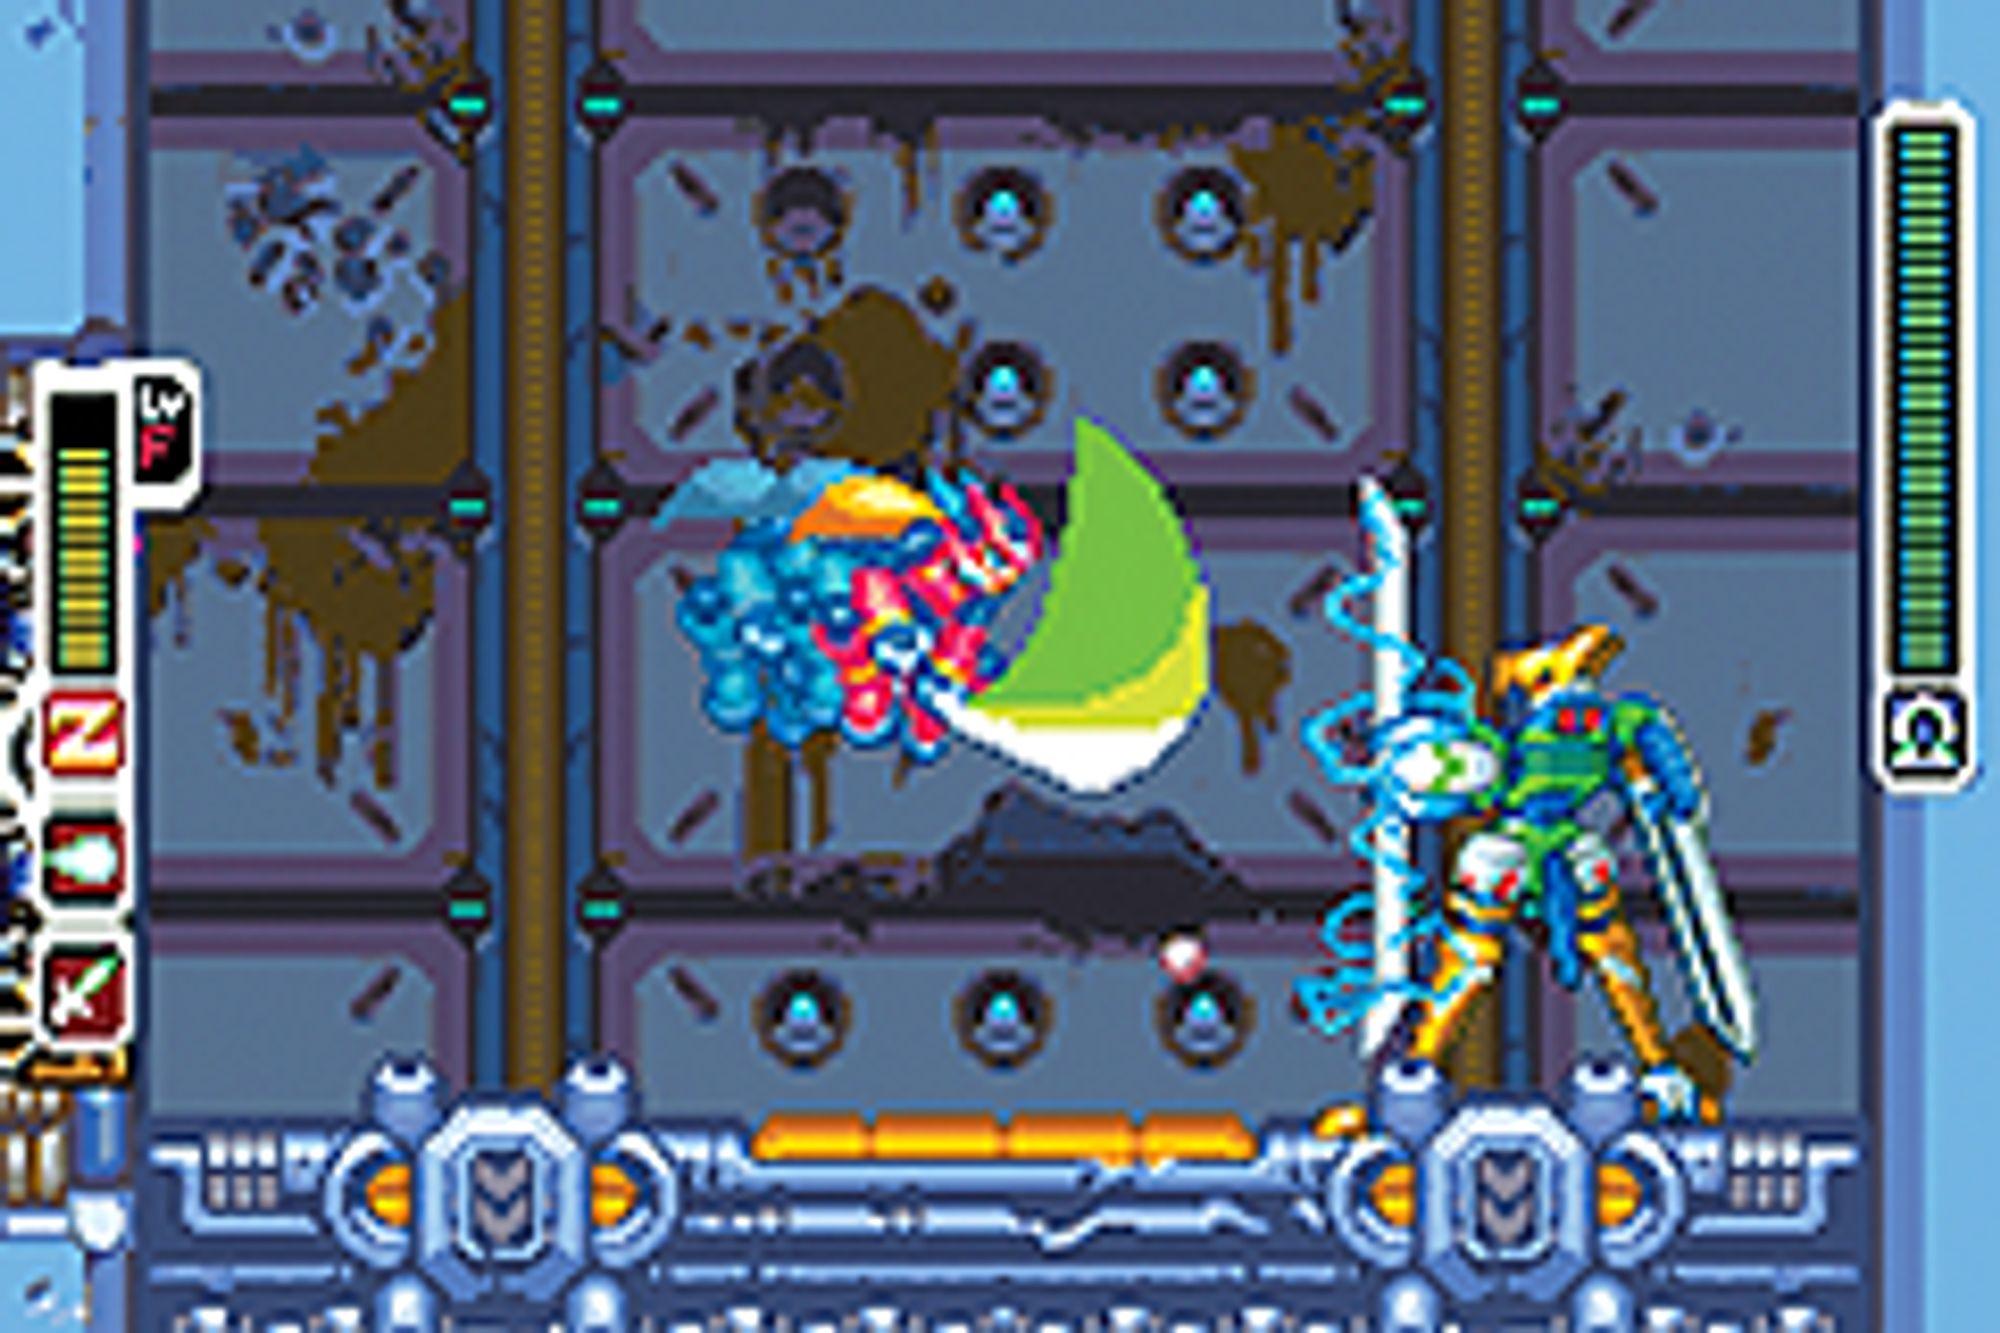 Som i de fleste Mega Man-spill kan du stjele krefter fra fienden.